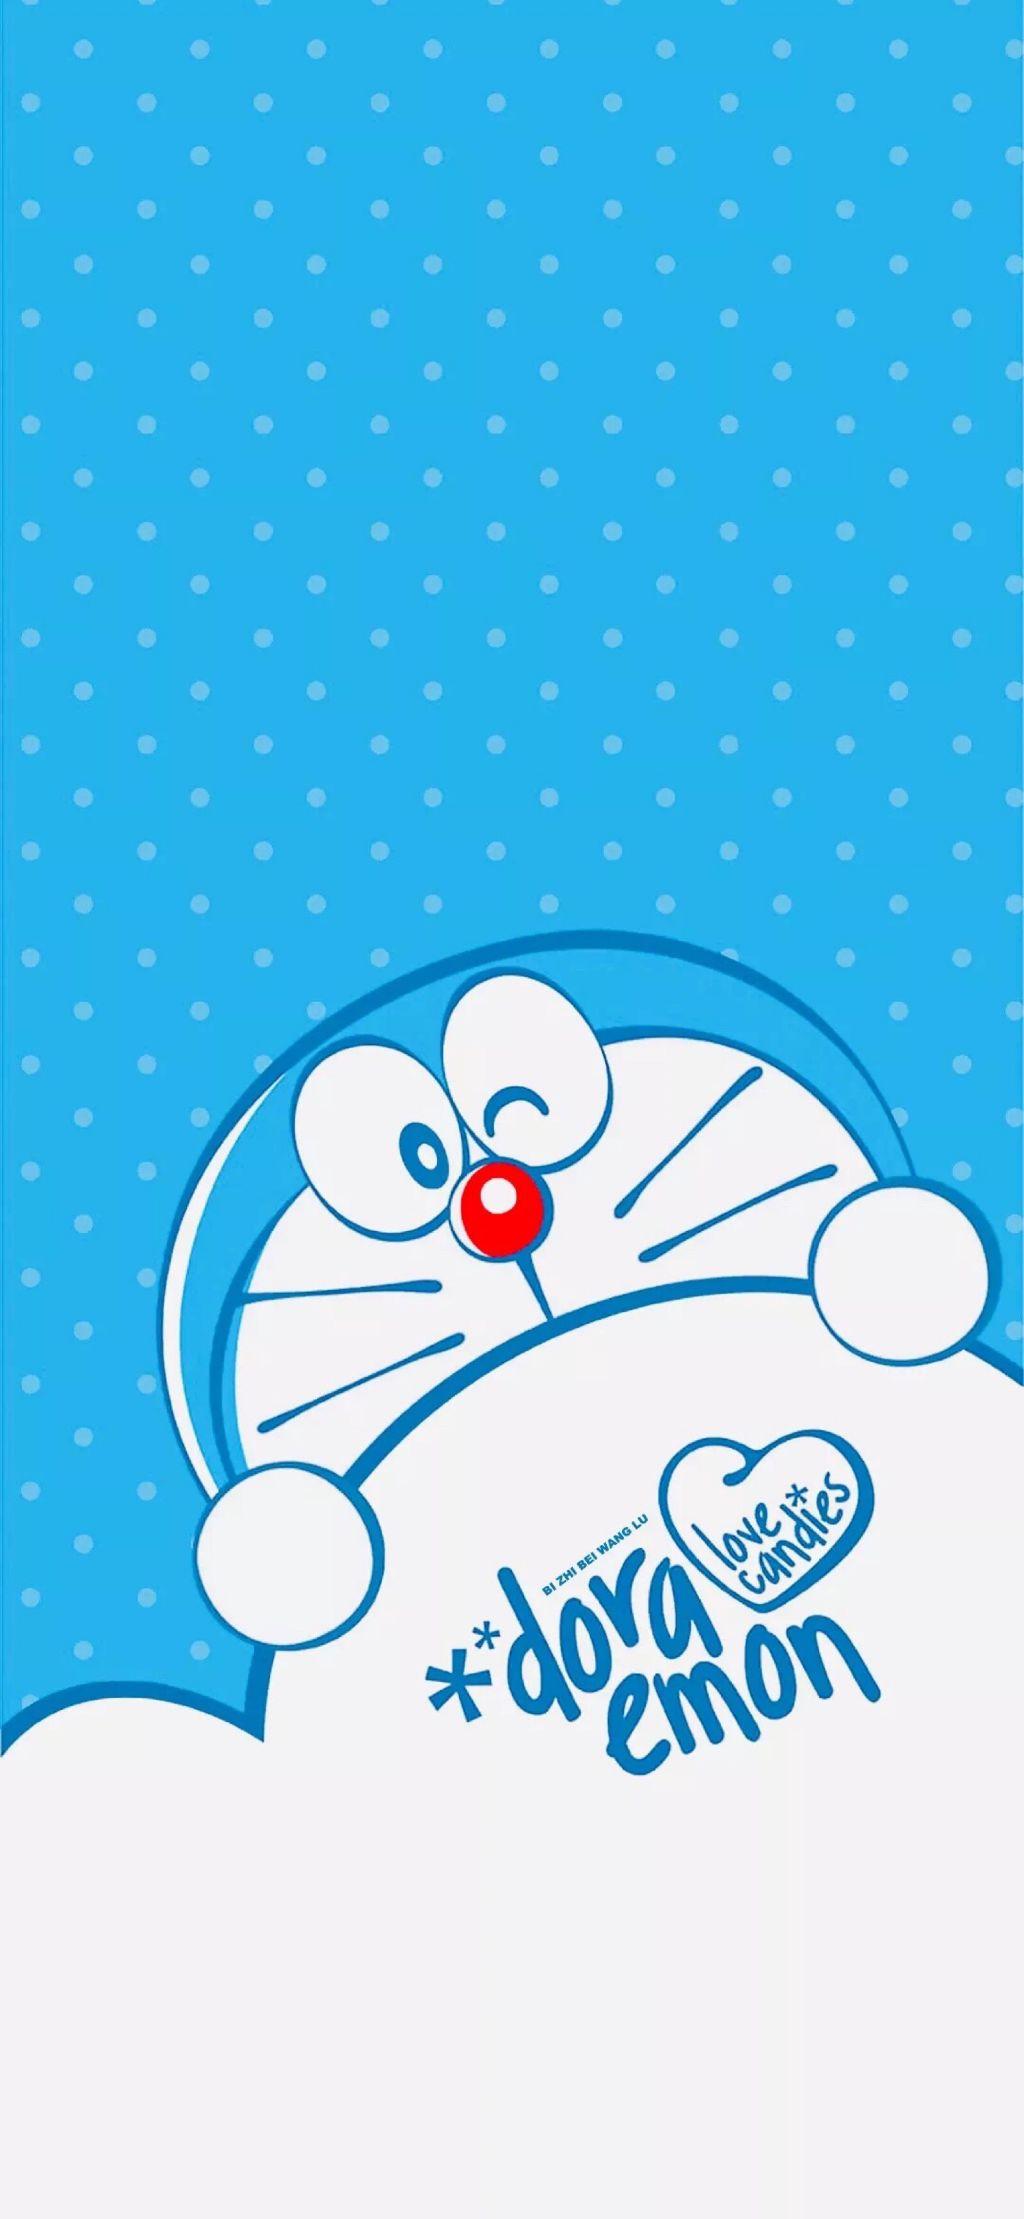 手机壁纸:蓝胖子、多啦A梦、叮当猫手机壁纸,赶紧换上。插图17